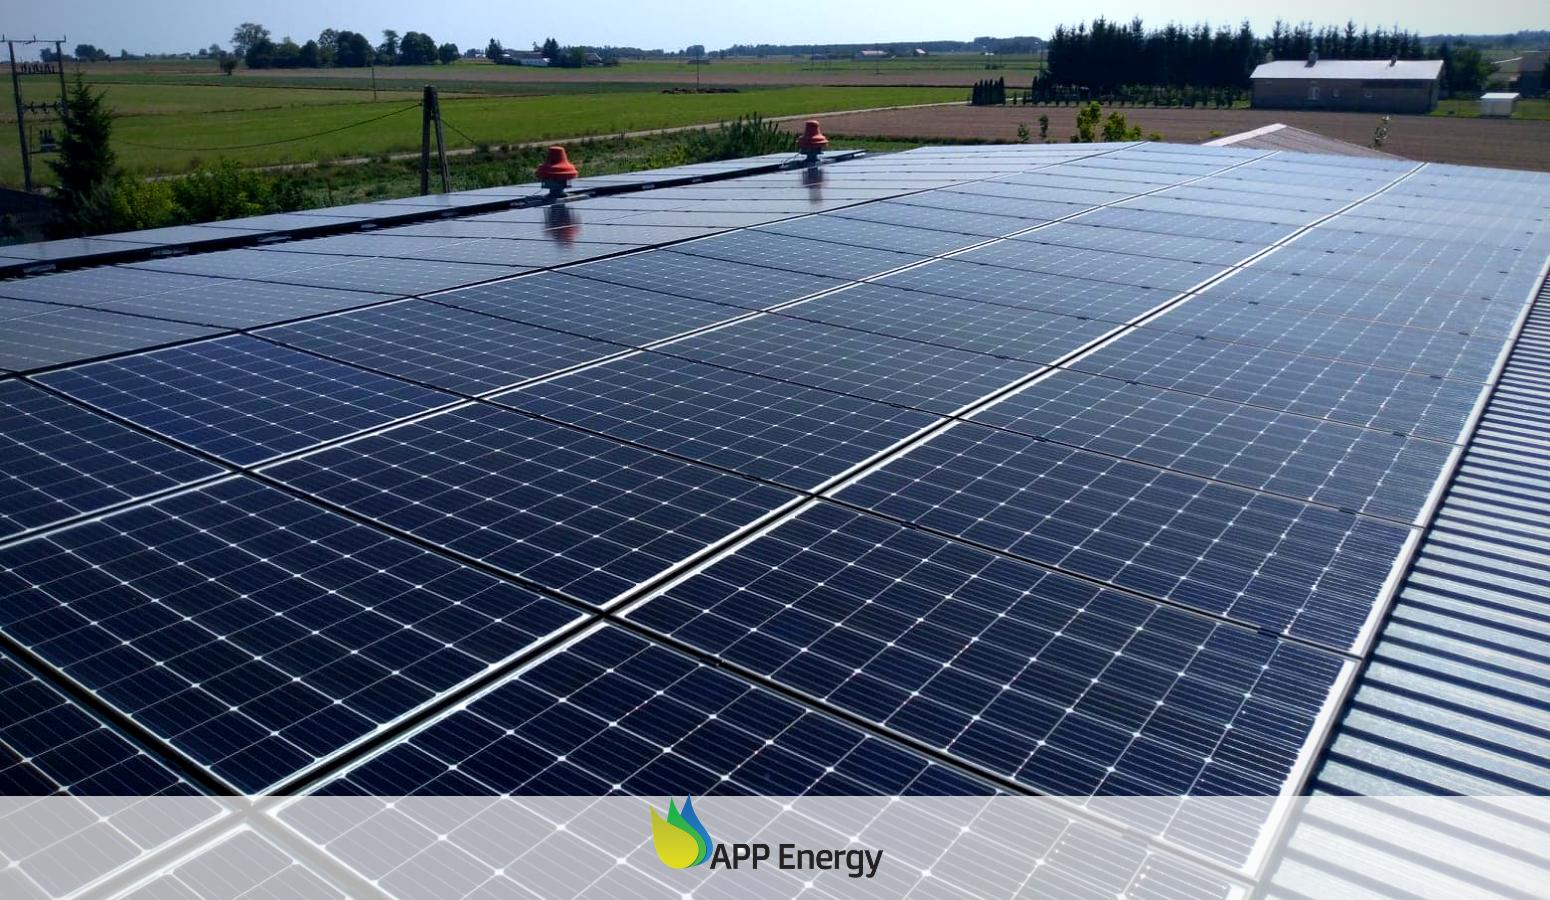 App energy instalacja fotowoltaiczna zamontowana na dachu budynku gospodarczego w województwie lubelskim